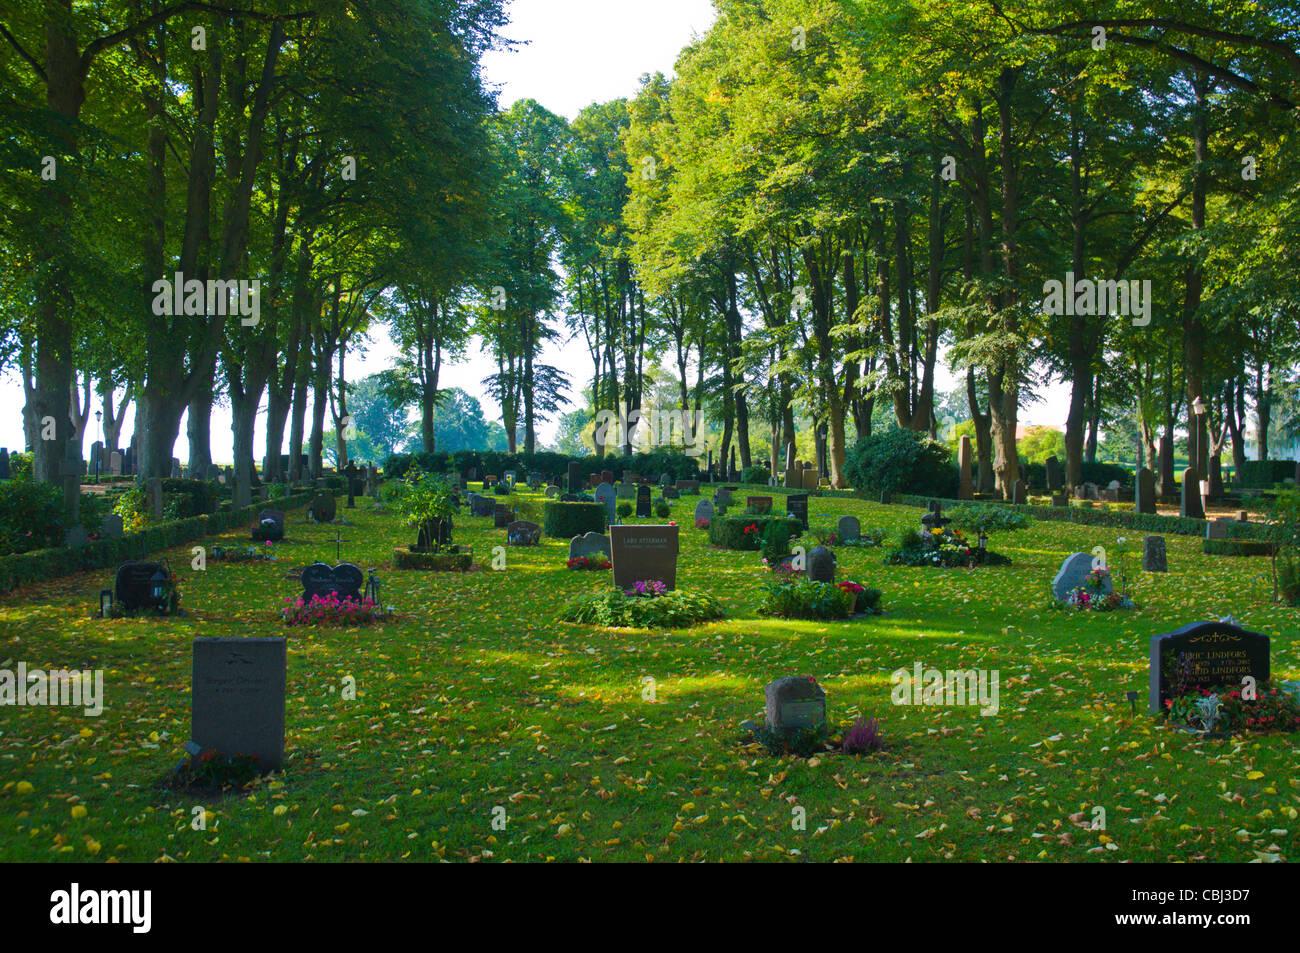 Södra Kyrkogården the graveyard next to the castle Kalmar city Småland southern Sweden Europe - Stock Image